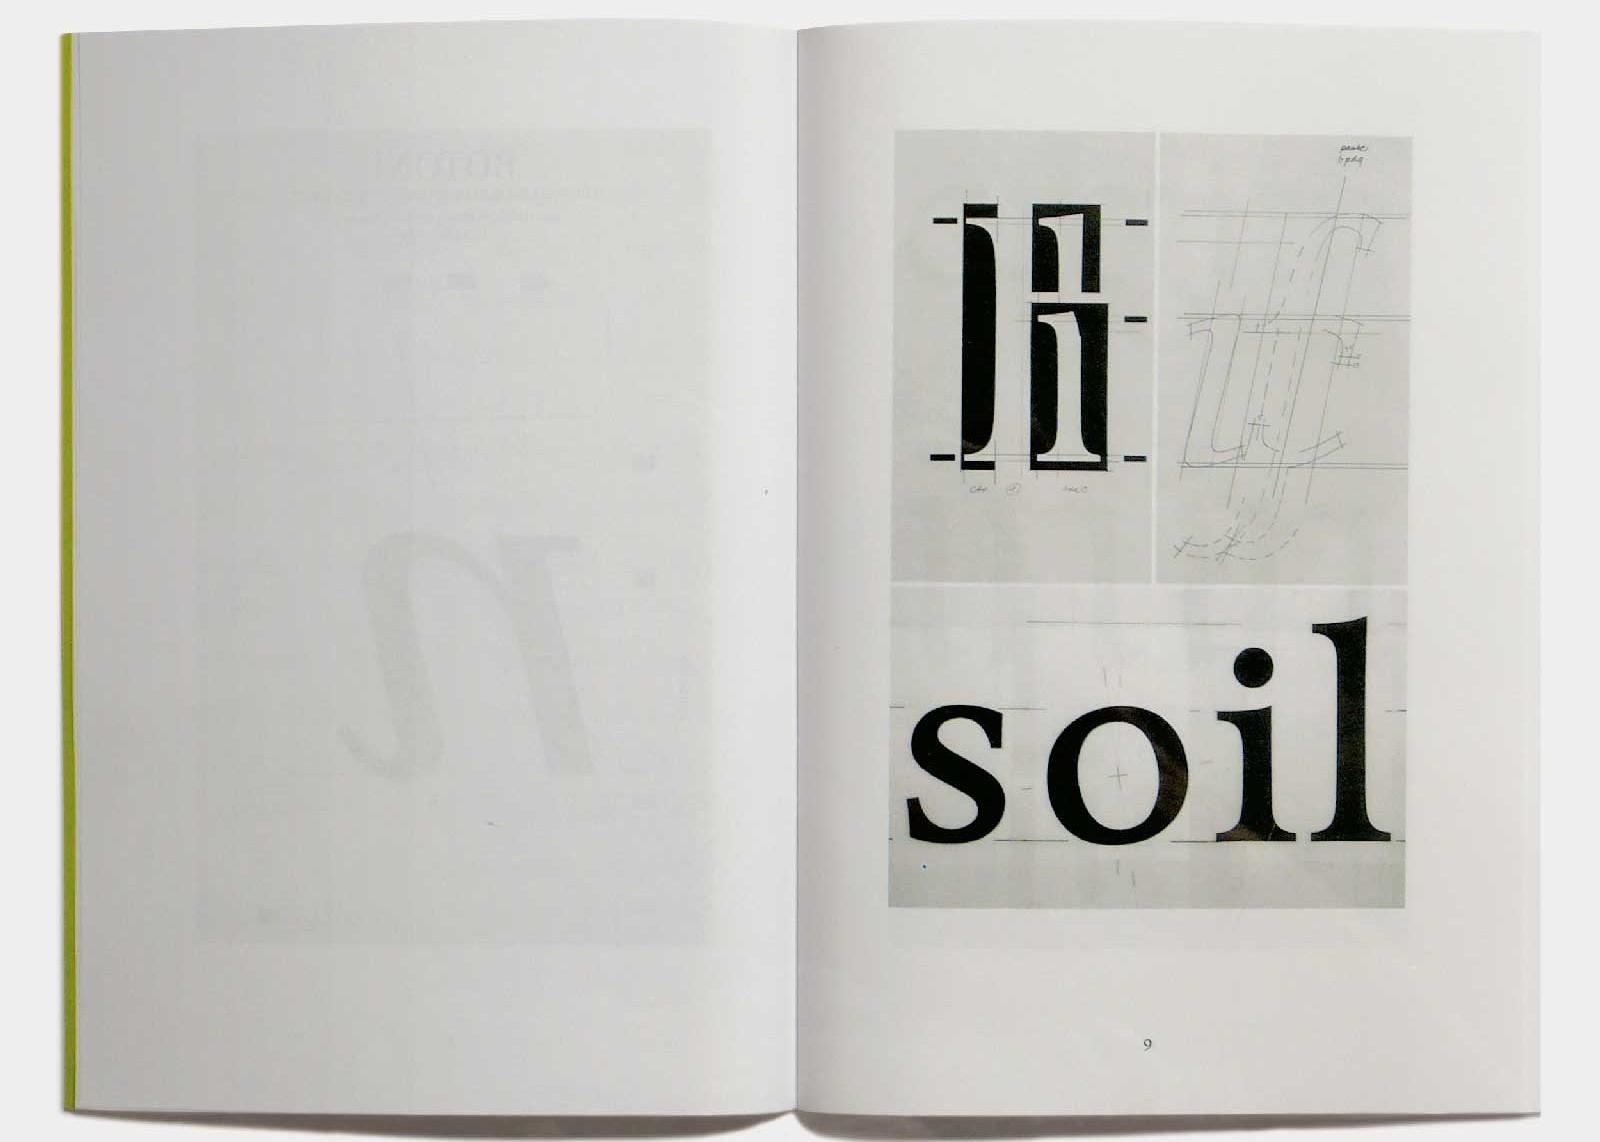 Page 9 — Caractère Tibère (1986, ancien nom Quadra; 2003, FontFont), grille de travail.